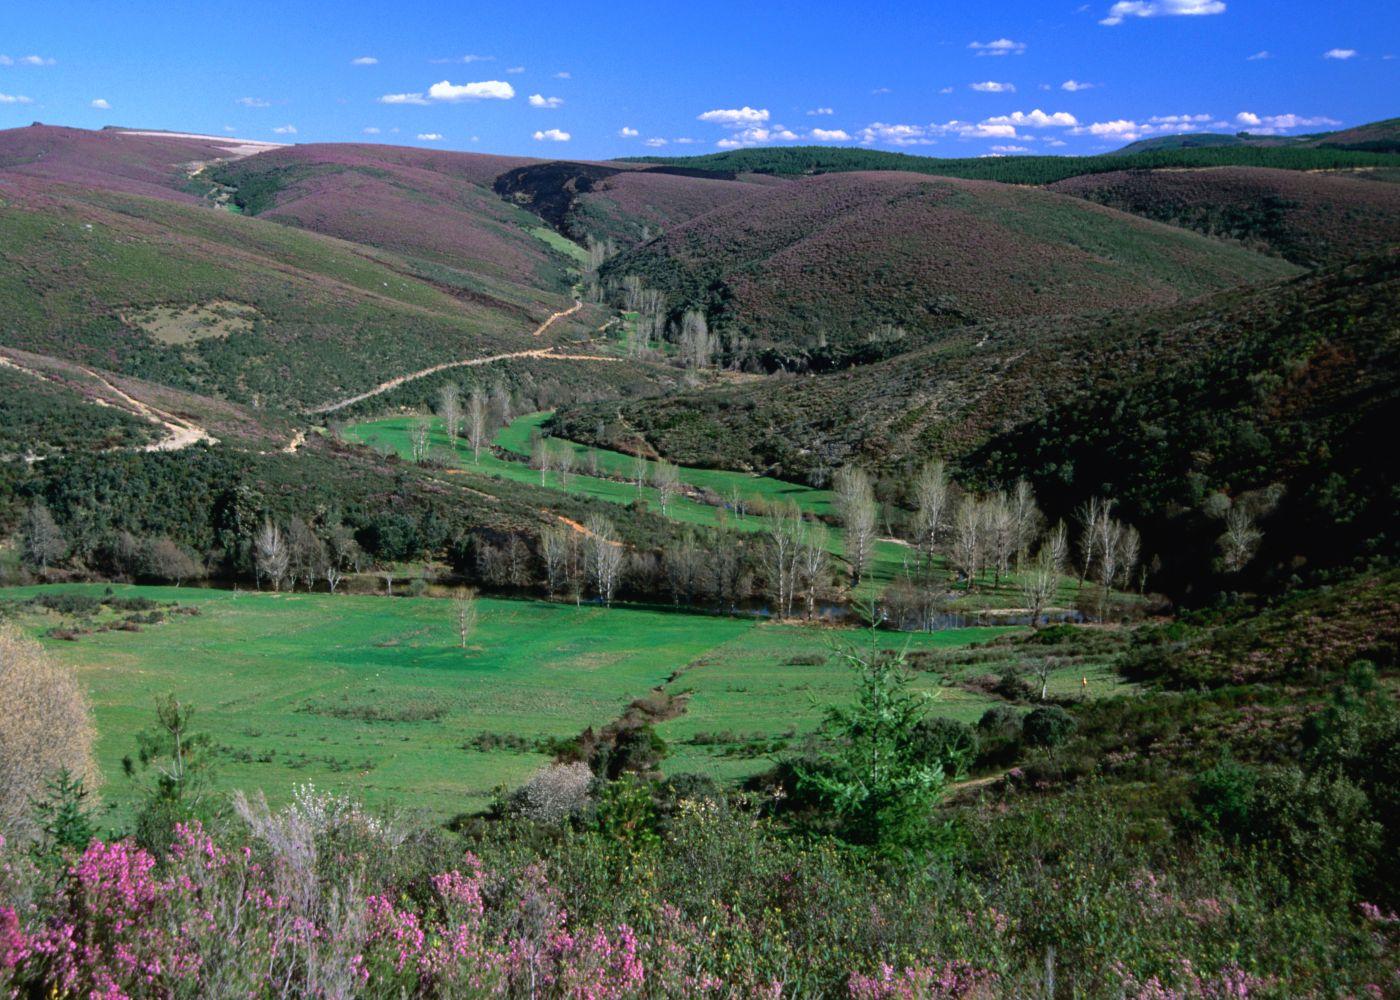 paisagem parque montesinho